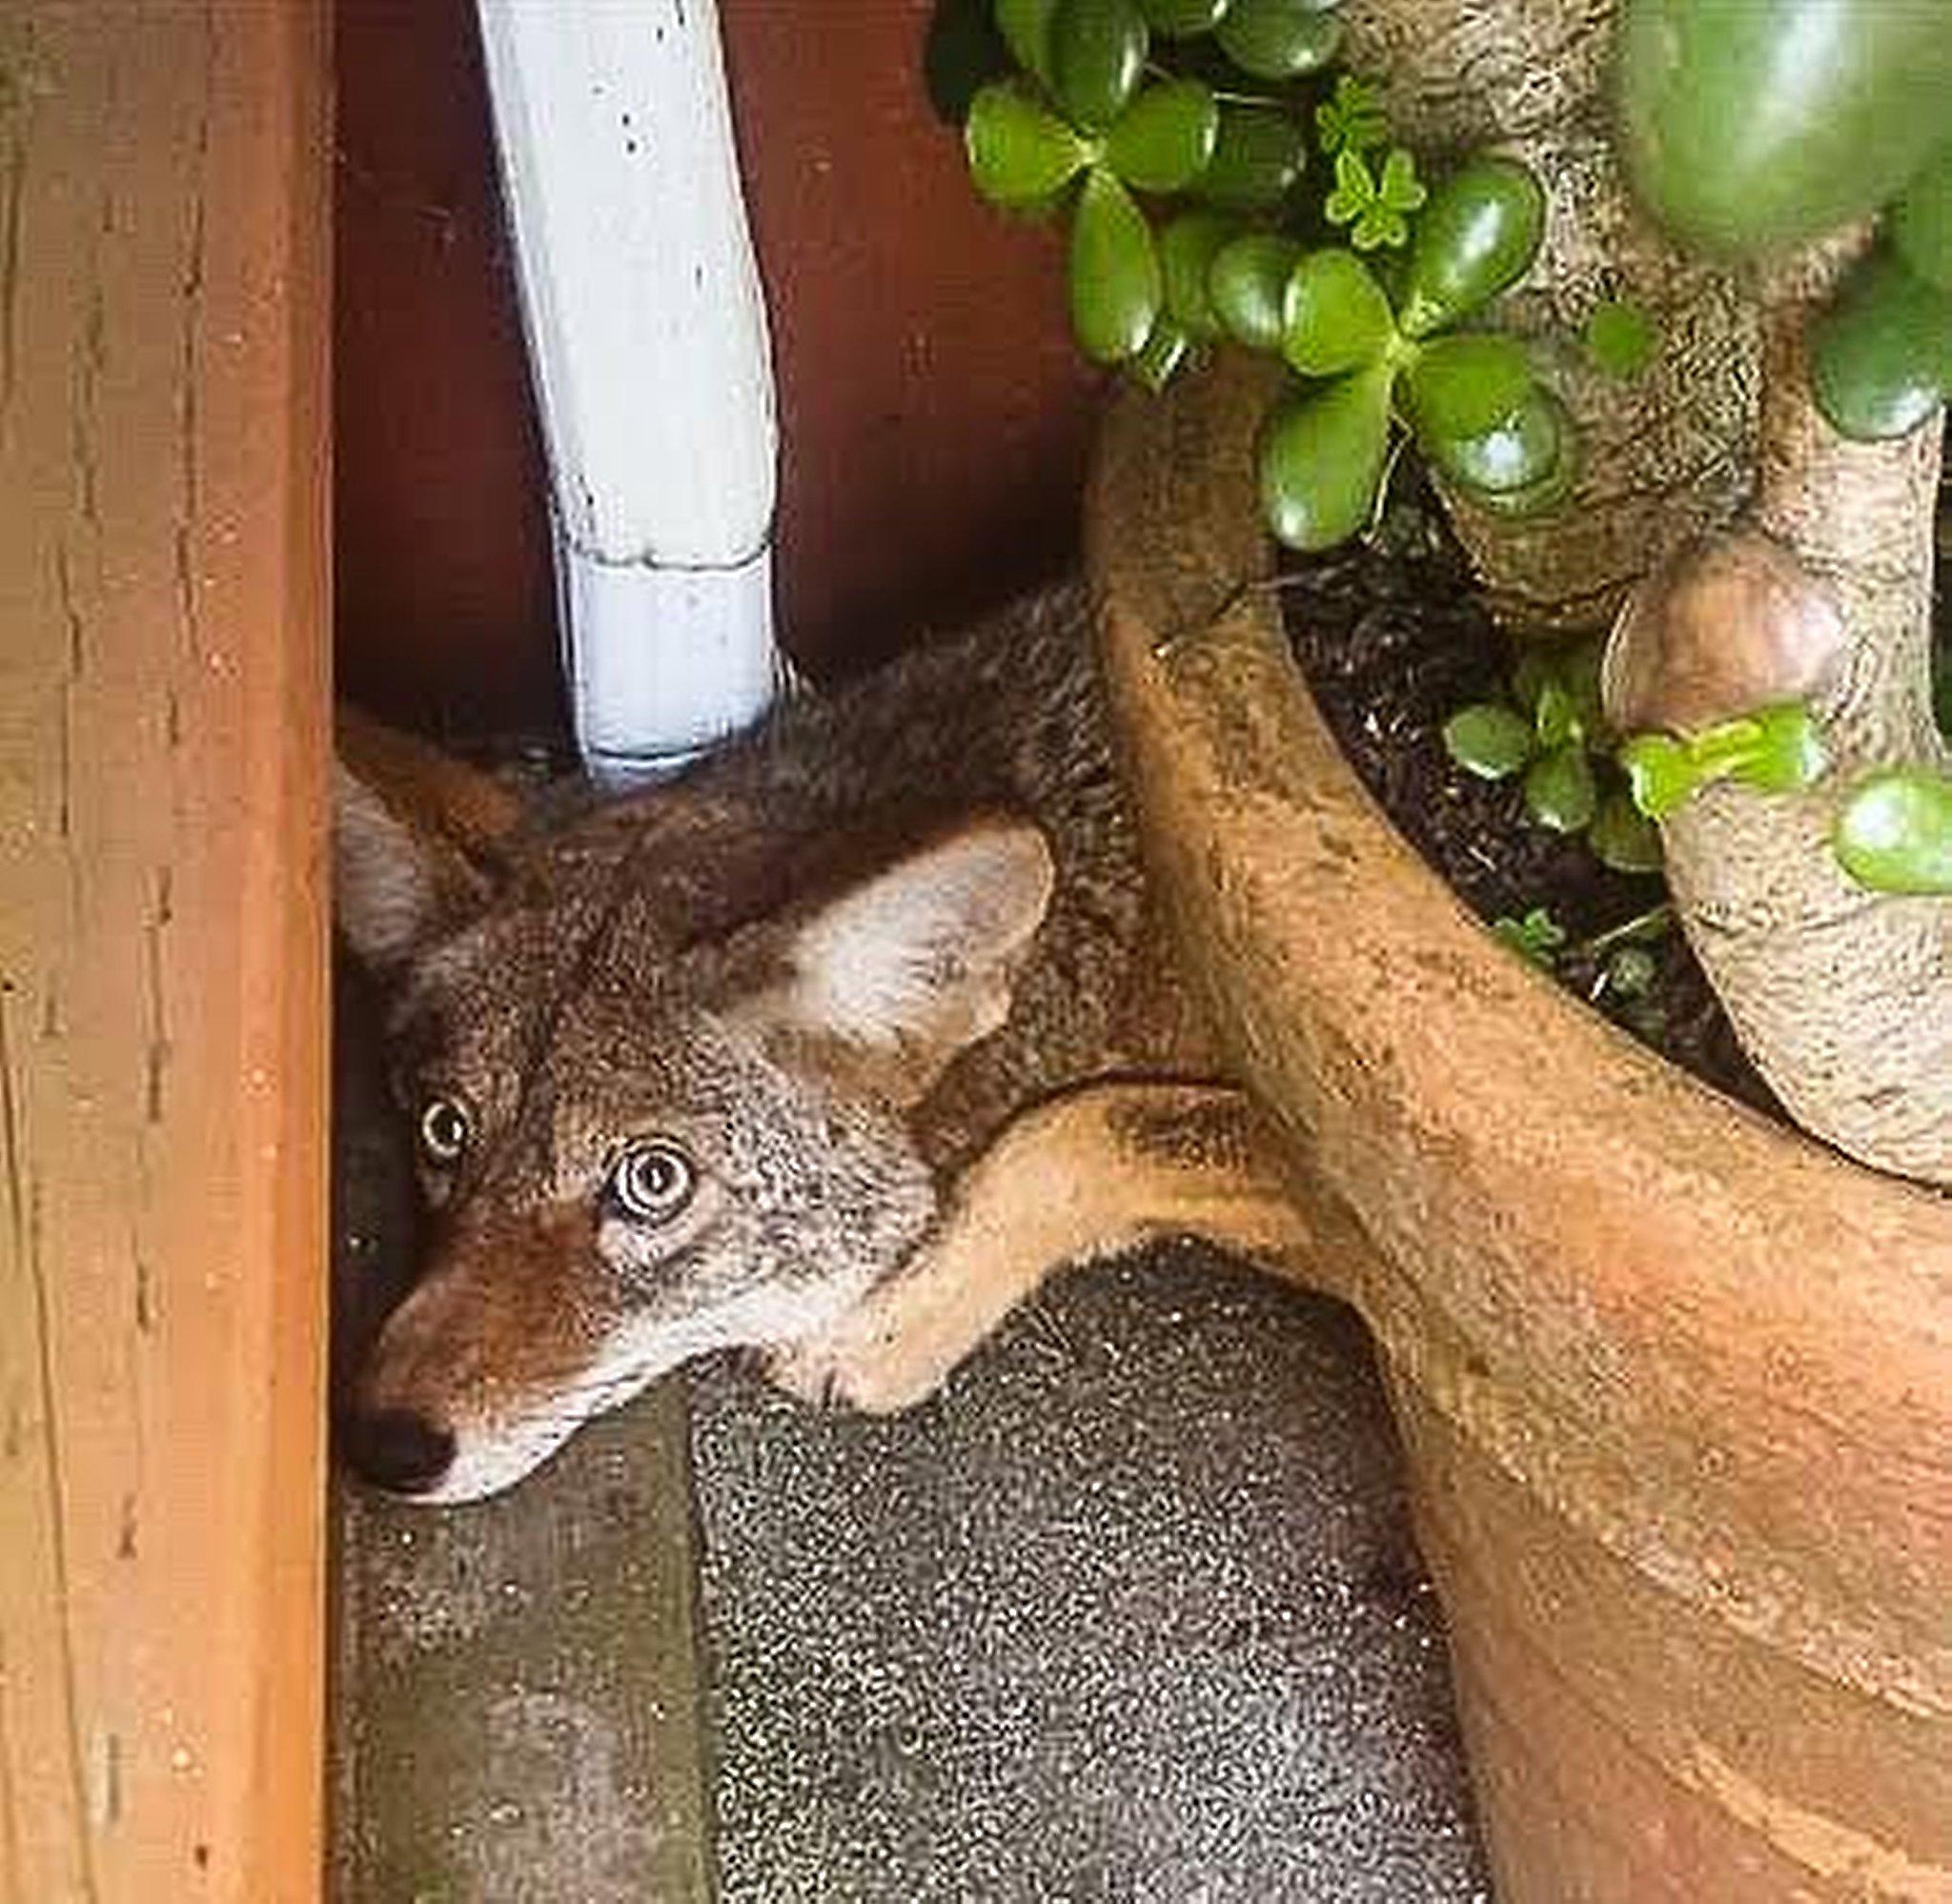 Keep a short leash! Spike in SF coyote sightings - SFGate